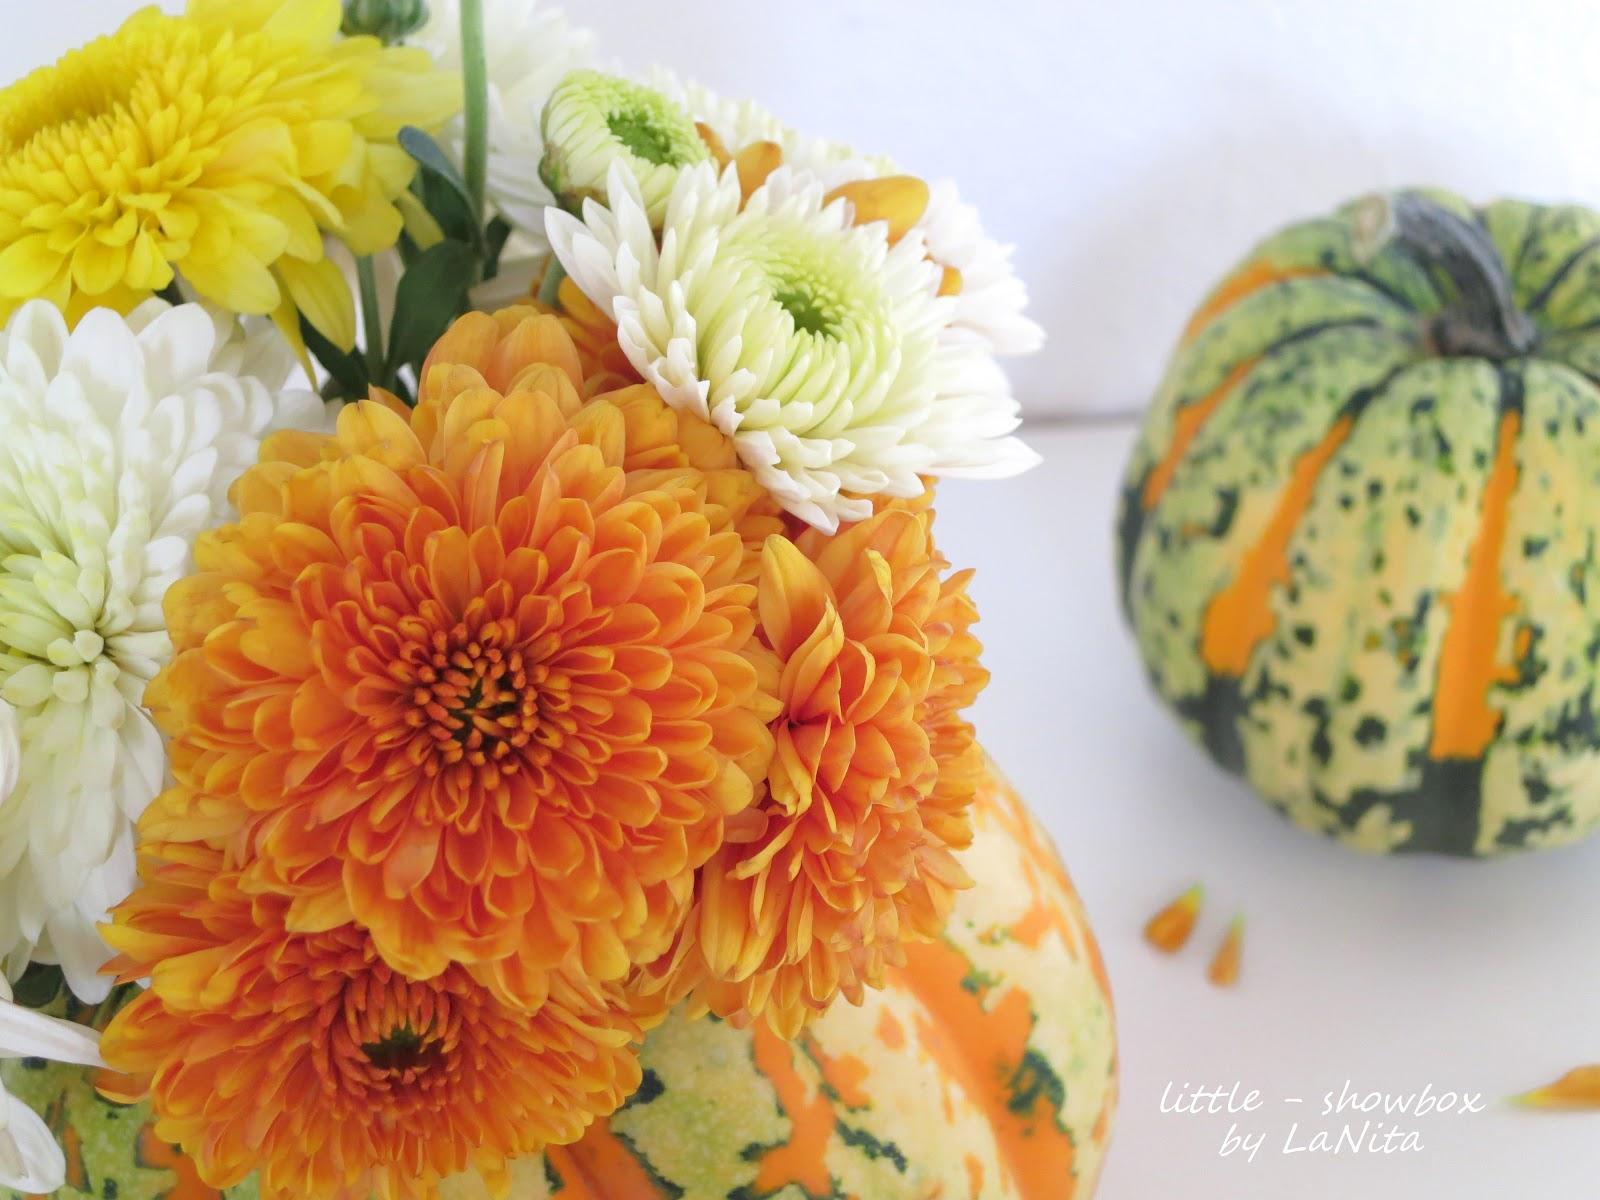 Herbstdekoration Kurbis : Herbstliches D.I.Y. Blumen im Kürbis little ...